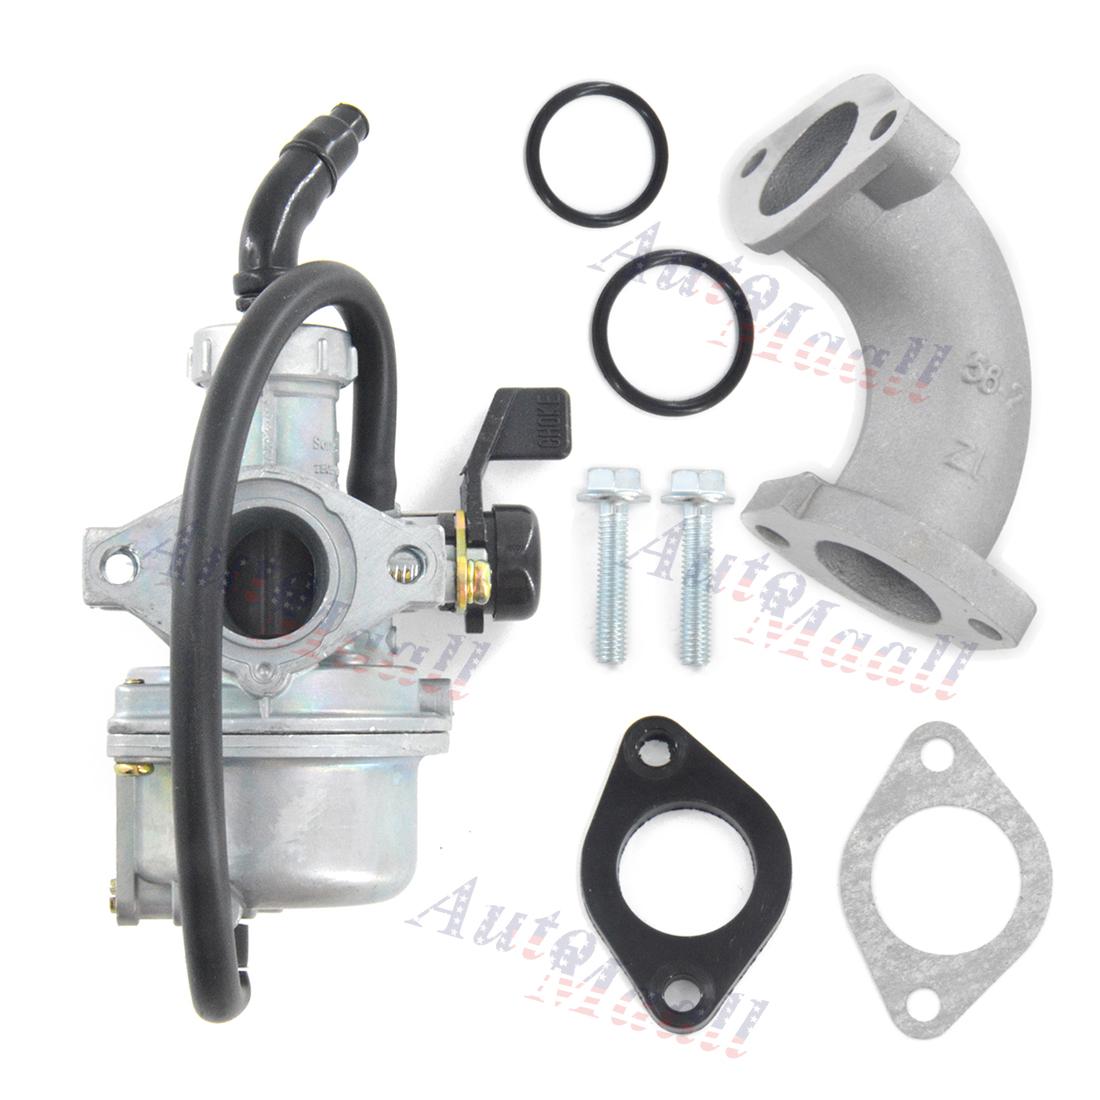 Carburetor 22mm Intake for HONDA CRF70F 2004-2012 XR70R 1998-2003 carb